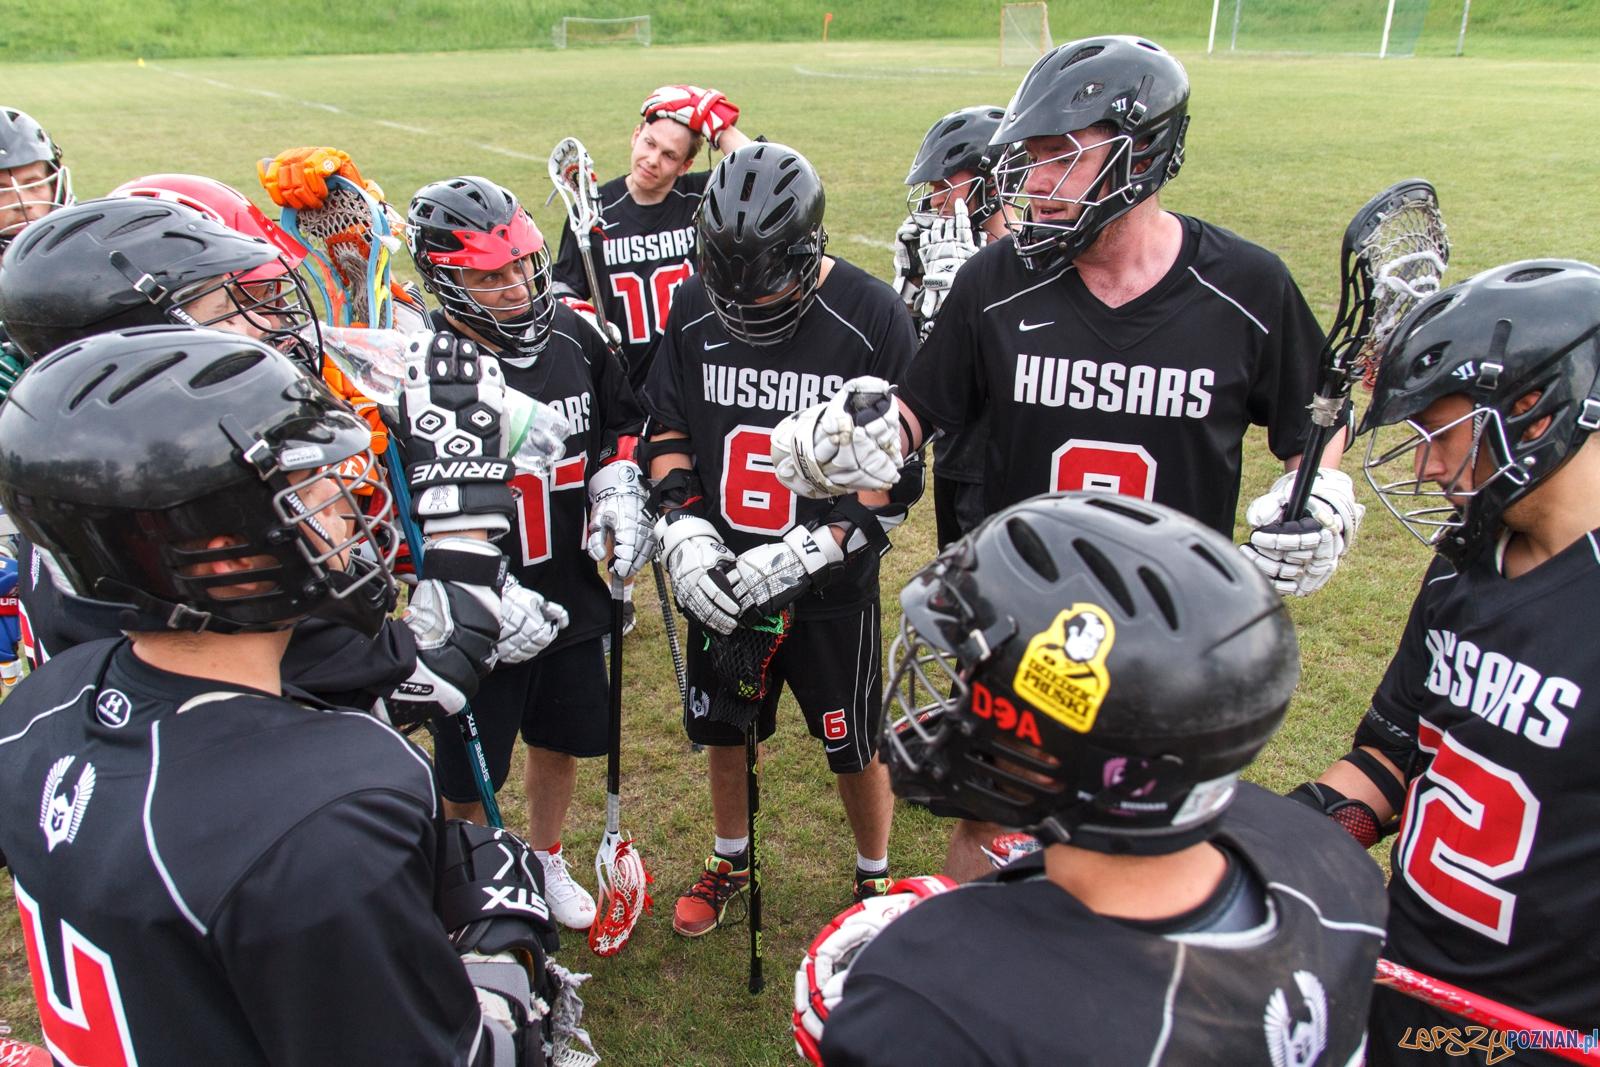 Poznań Hussars - Kraków Kings - mecz lacrosse - Poznań 29.05.  Foto: LepszyPOZNAN.pl / Pawel Rychter